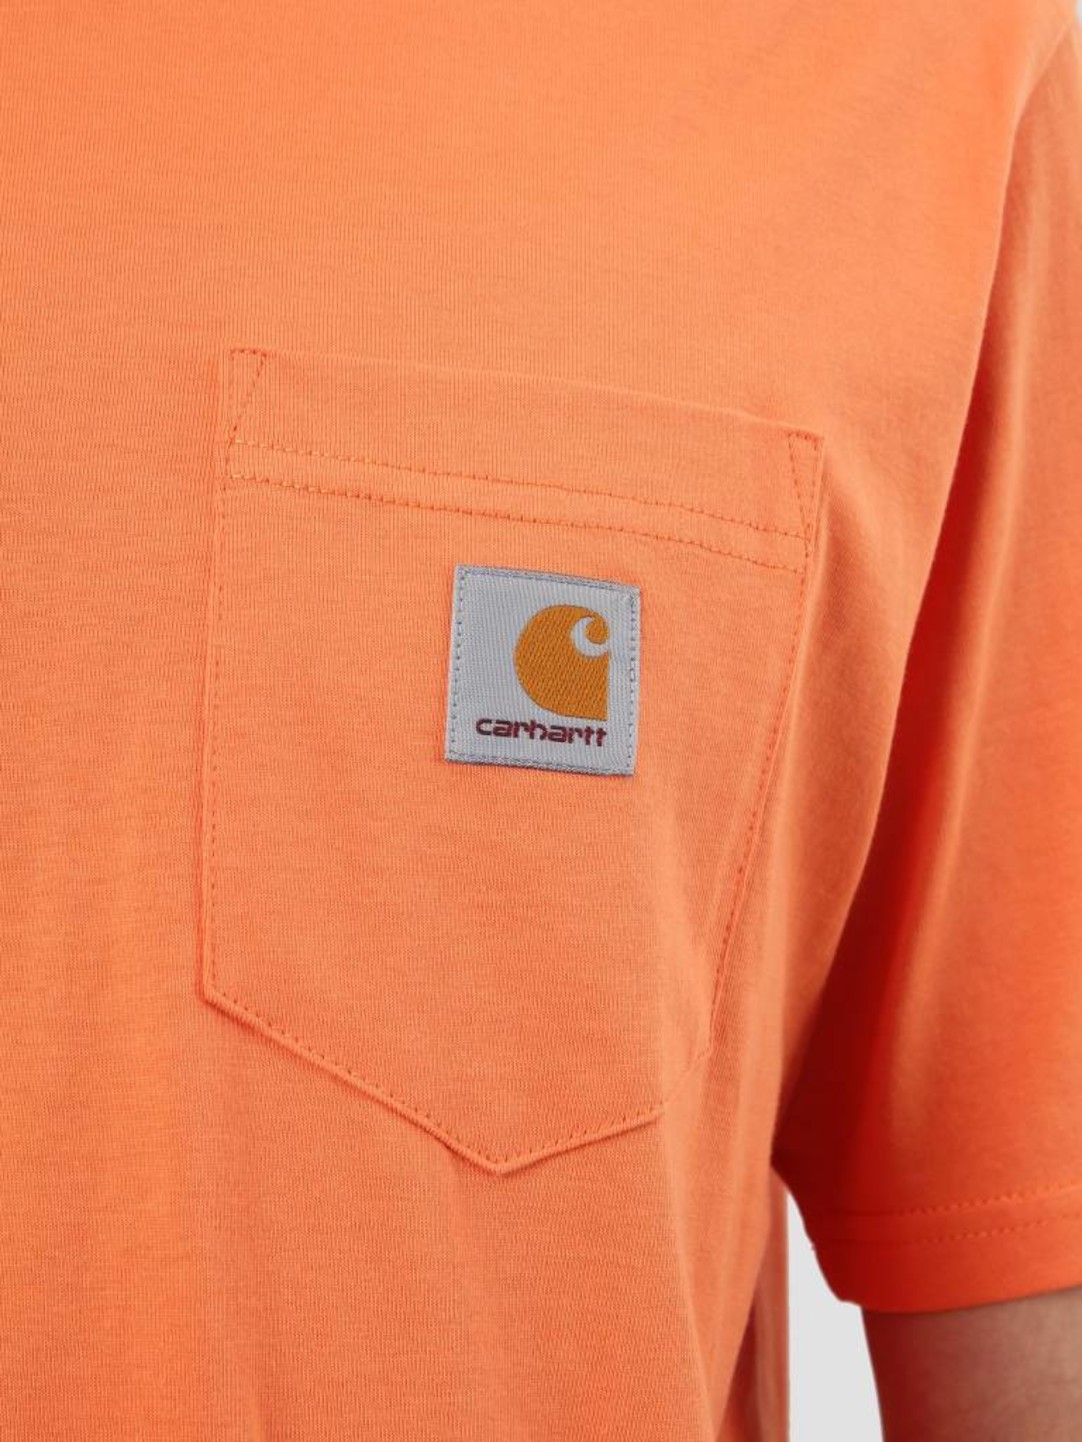 Carhartt WIP Carhartt WIP Pocket T-Shirt Jaffa I022091-96300